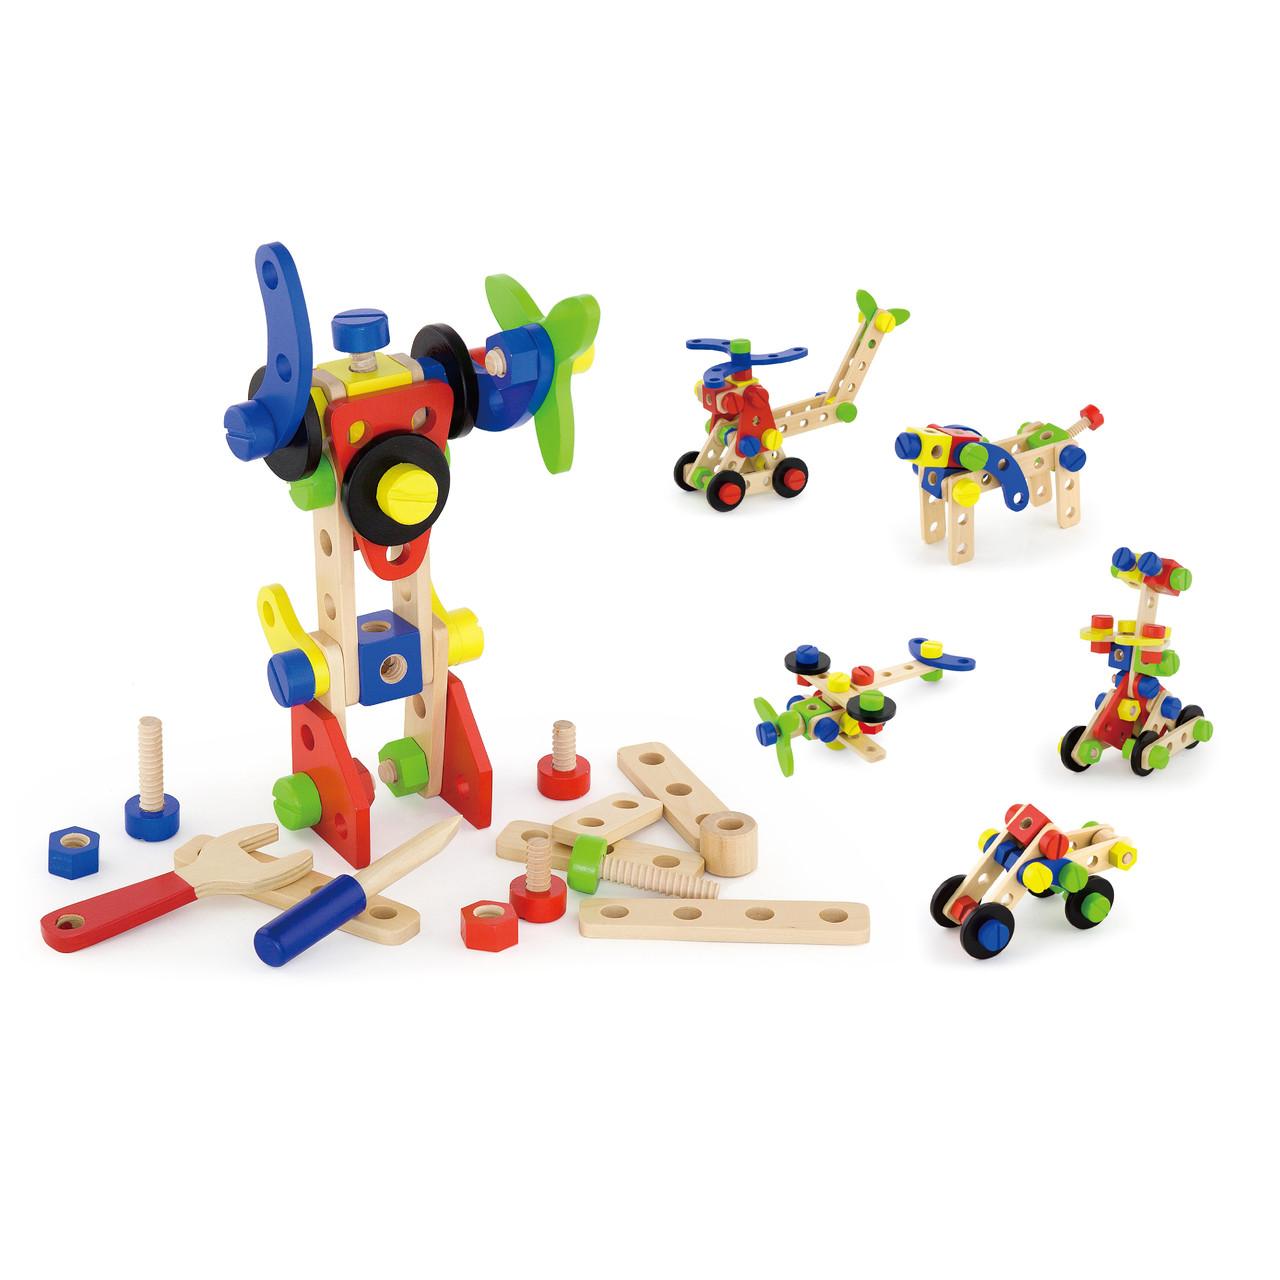 Конструктор Viga Toys 68 шт. (50382)